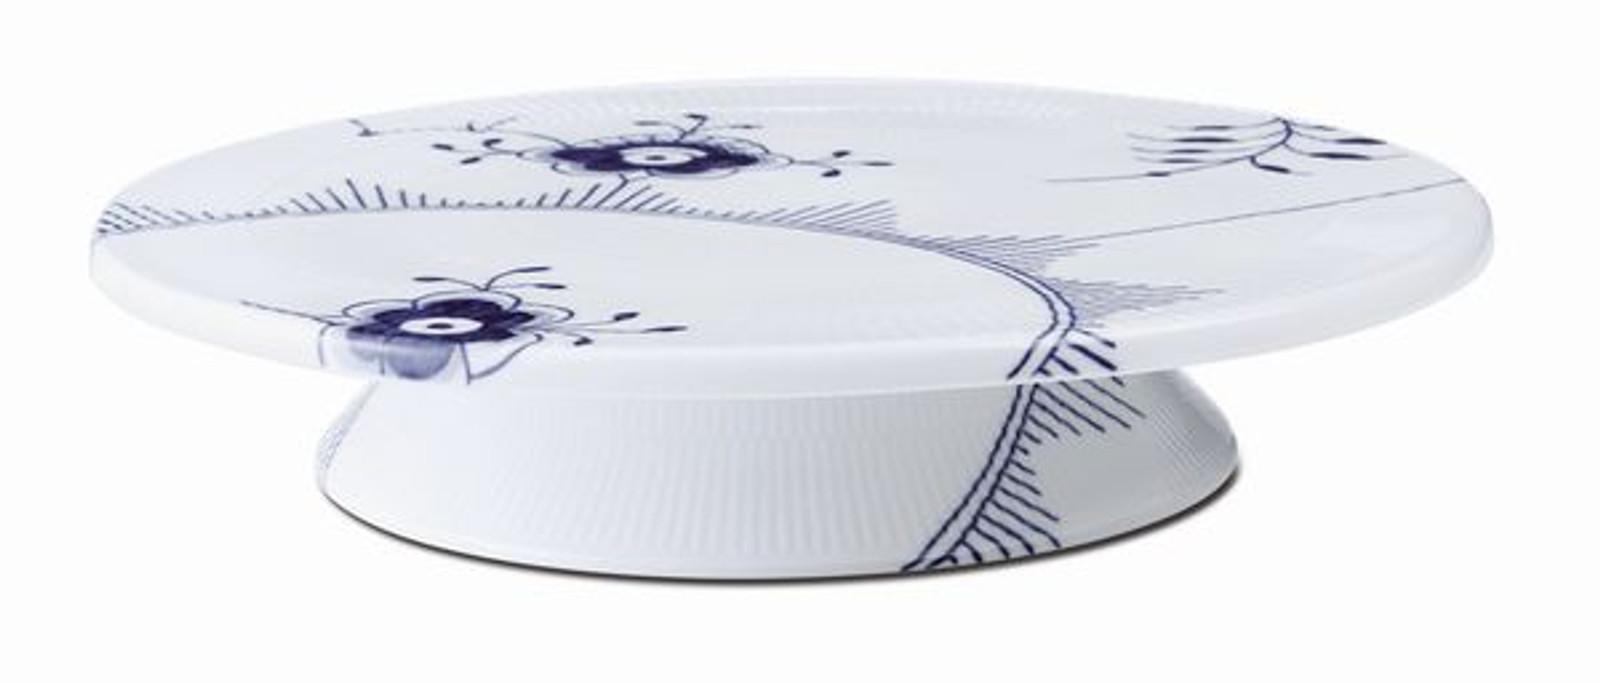 """Royal Copenhagen Blue Fluted Mega Cake Plate, 12.5"""", alternate view"""